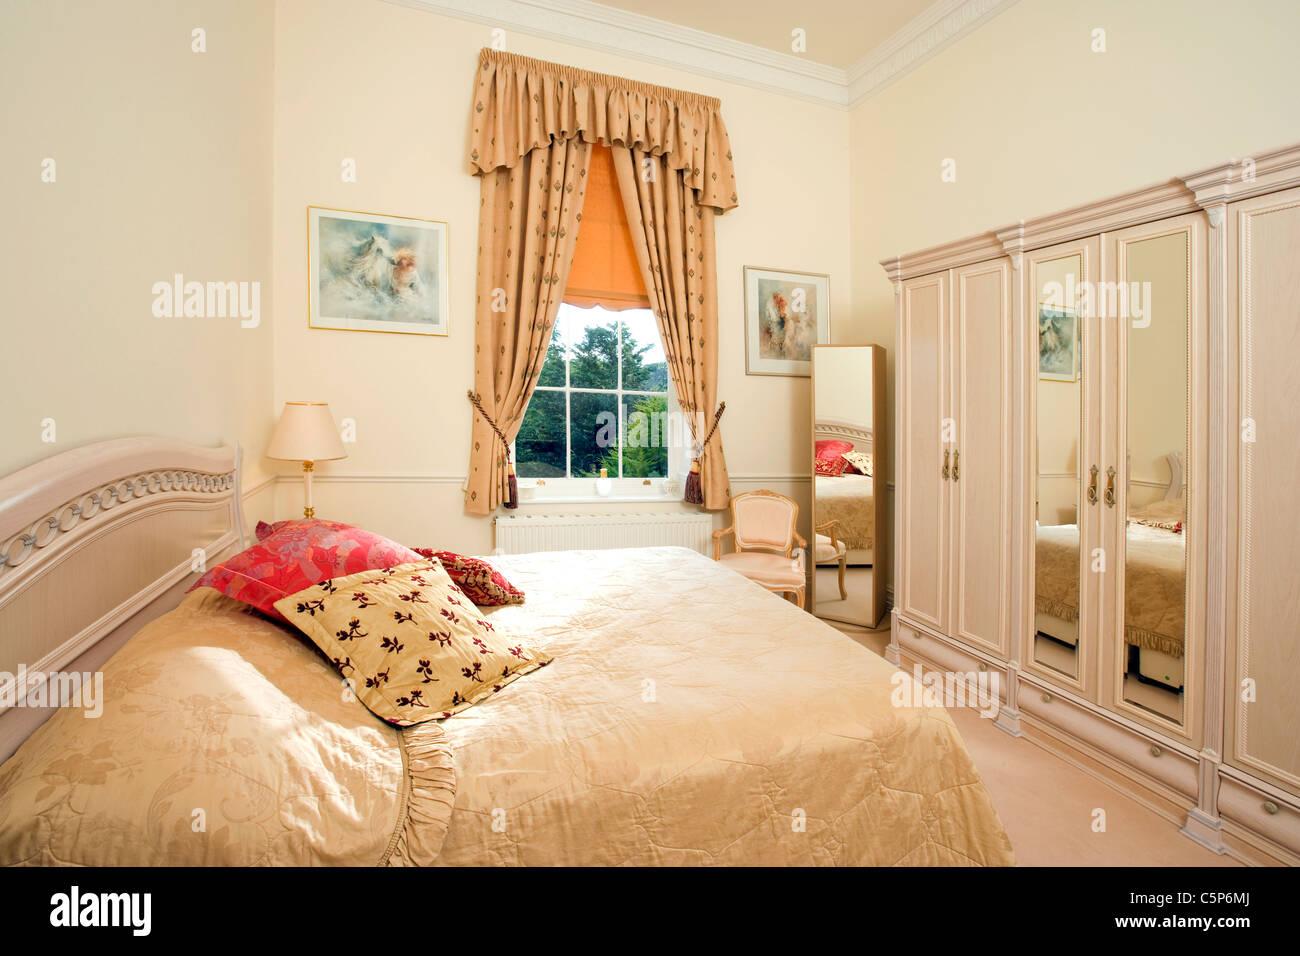 Interieur aus einem traditionellen englischen Schlafzimmer Stockbild